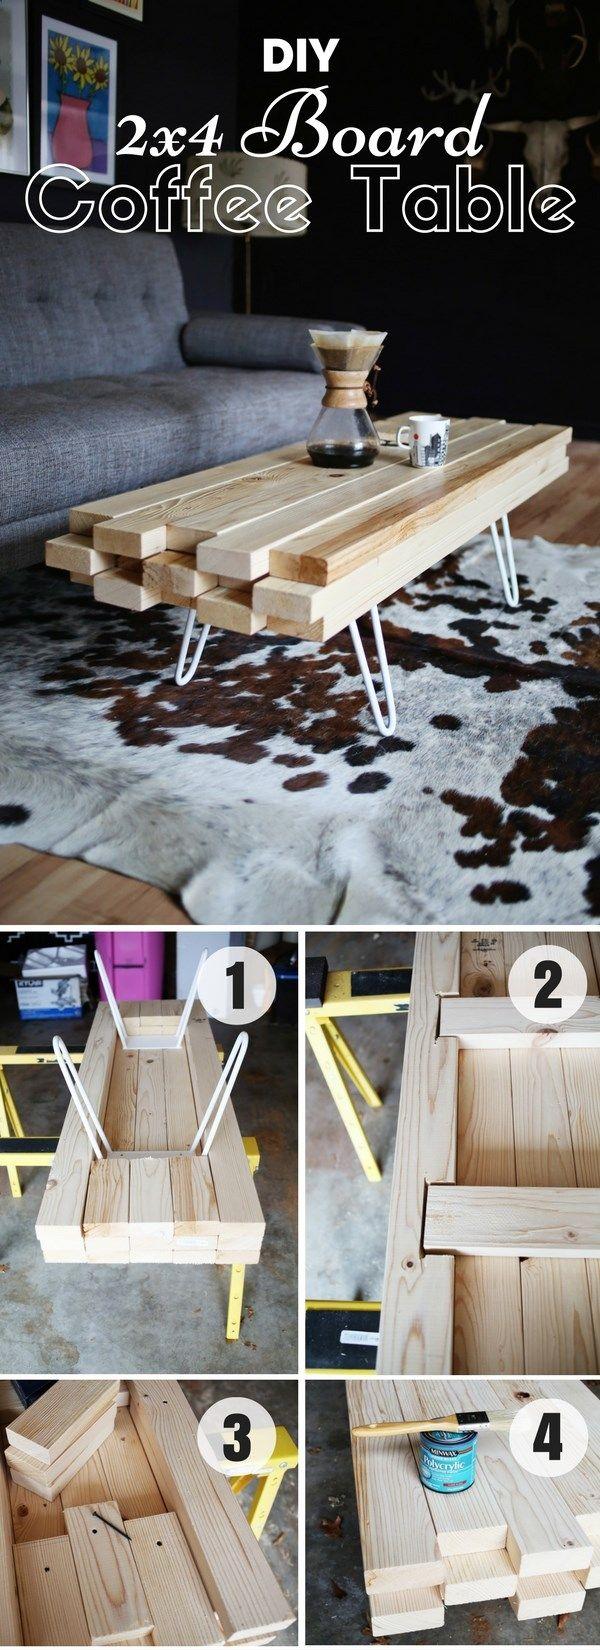 Wenn Man Ein Neues Wohnzimmertisch Auswhlen Muss Scheinen Die Mglichkeiten Und Angebote Endlos Zu Sein Alle FormenFarben Couchtisch Aus Holz